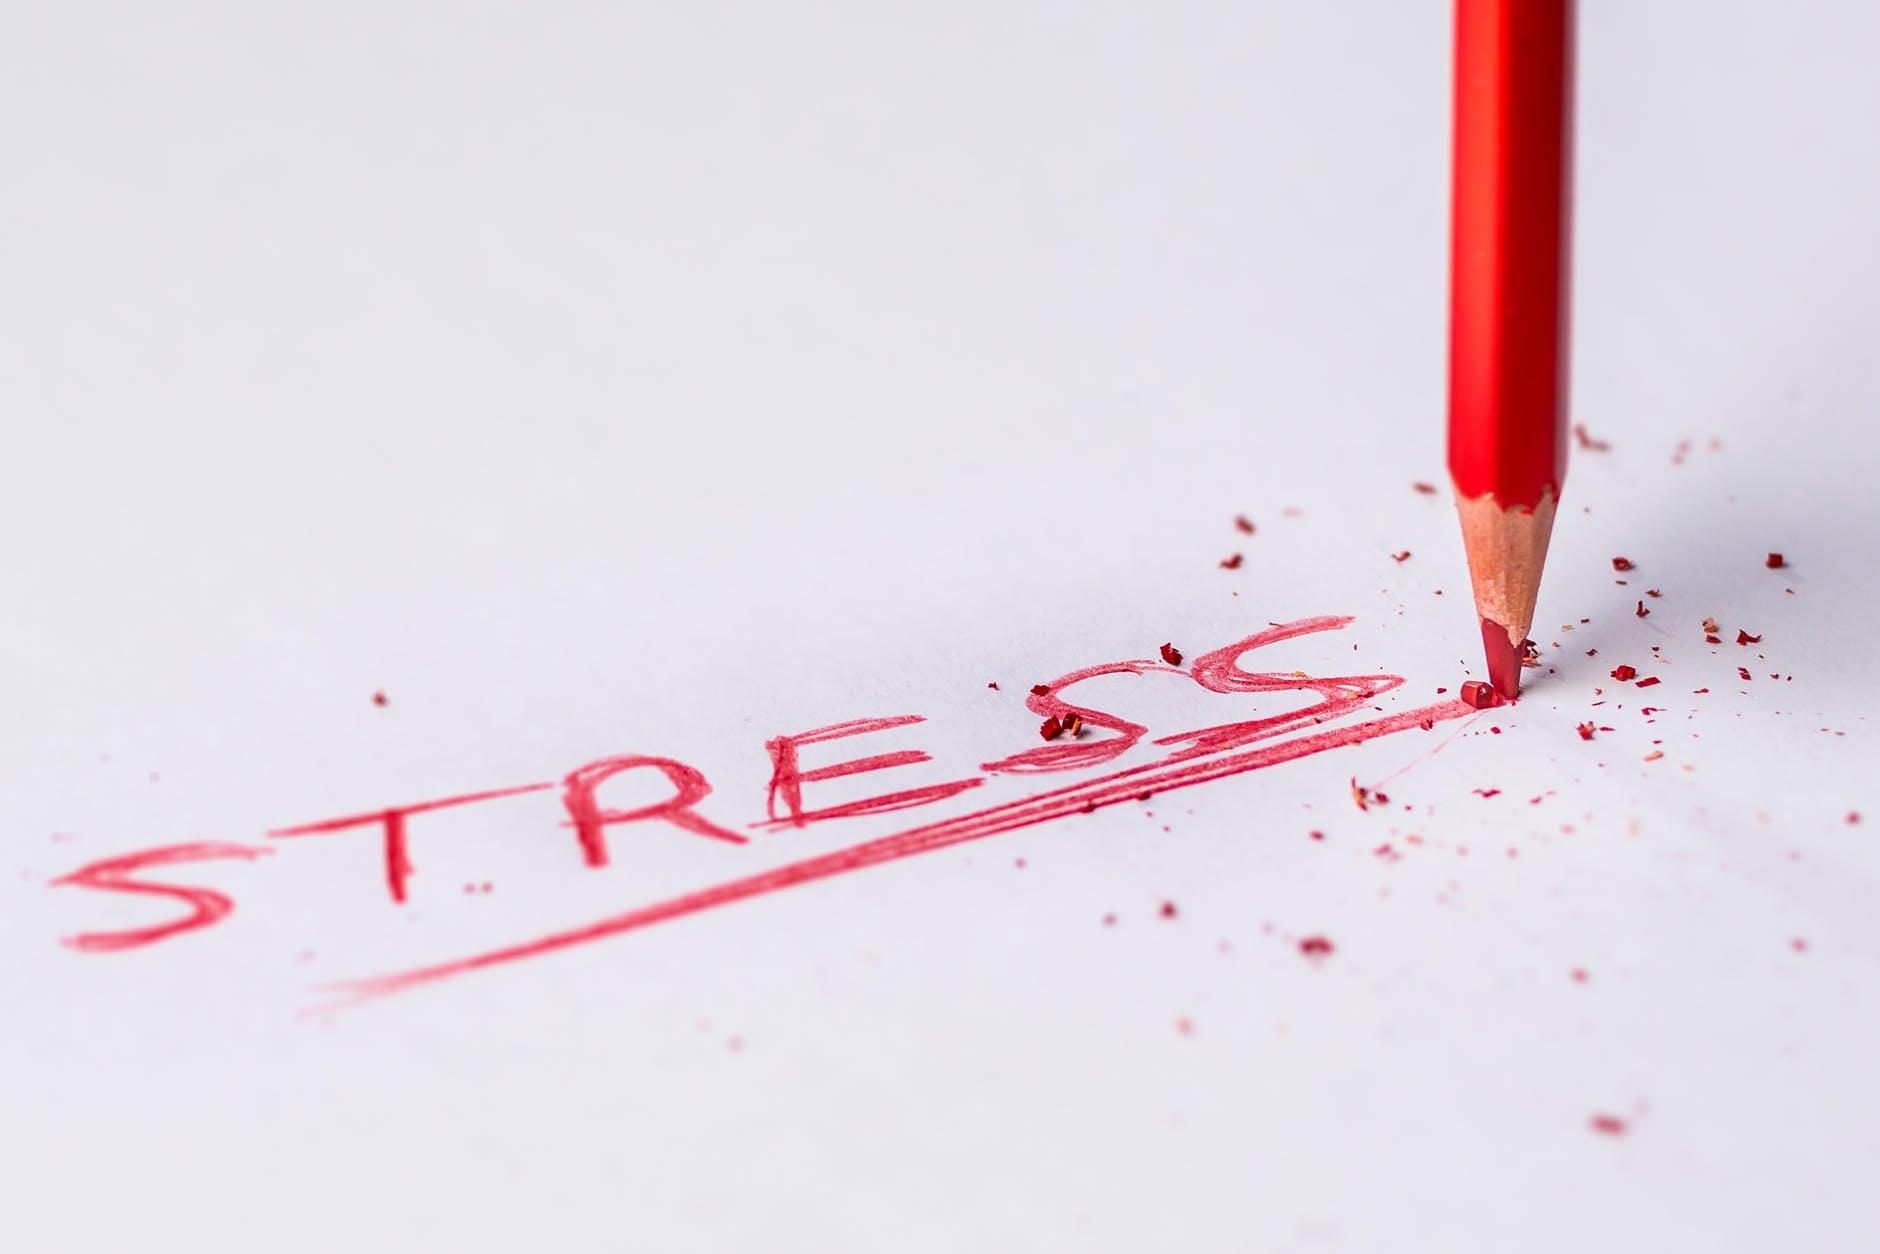 perbedaan stres dan depresi